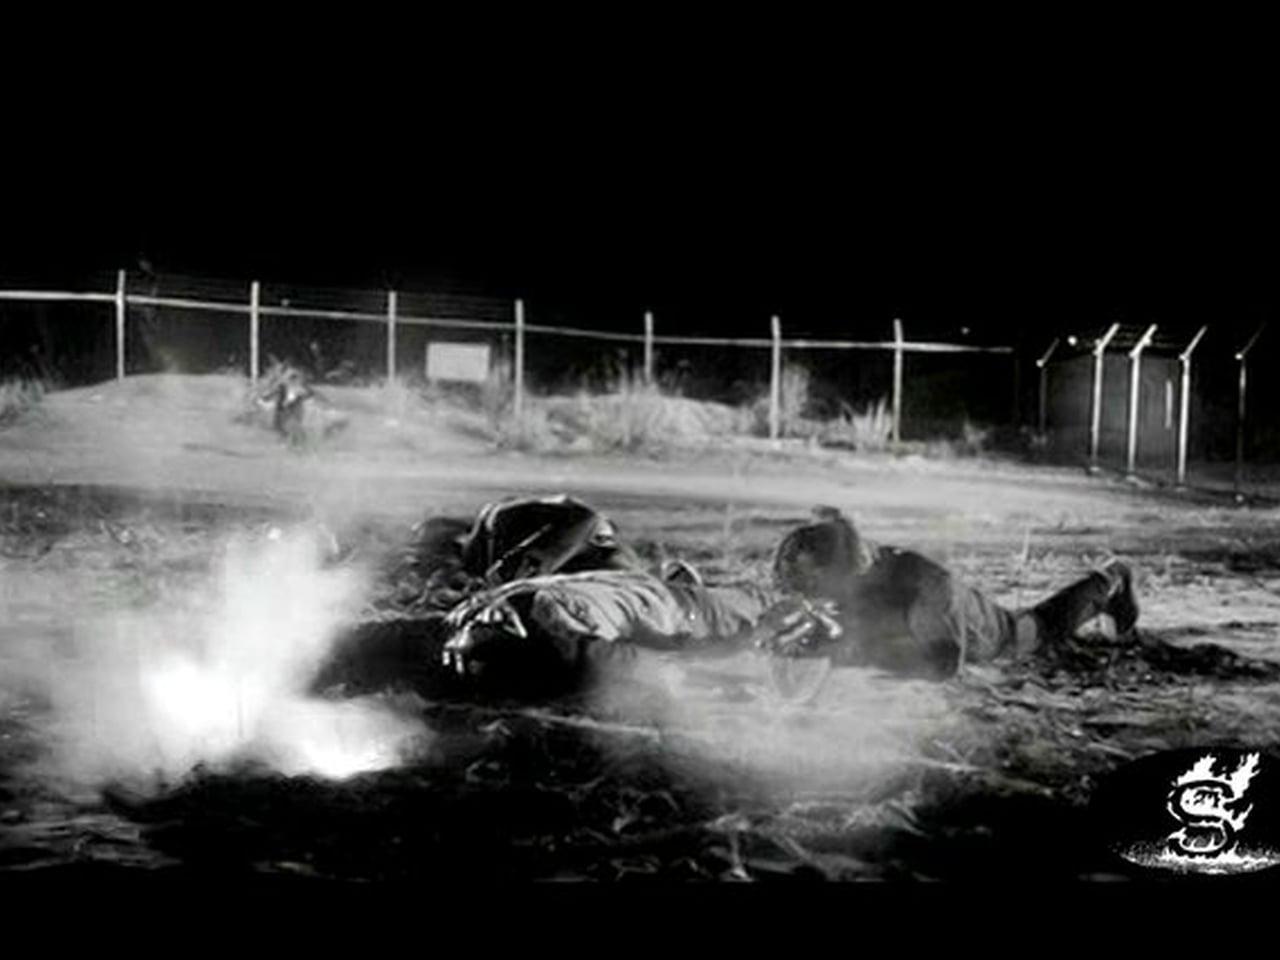 画像1: ECSTASY OF THE ANGELS (Kôji Wakamatsu, 1972) vimeo.com